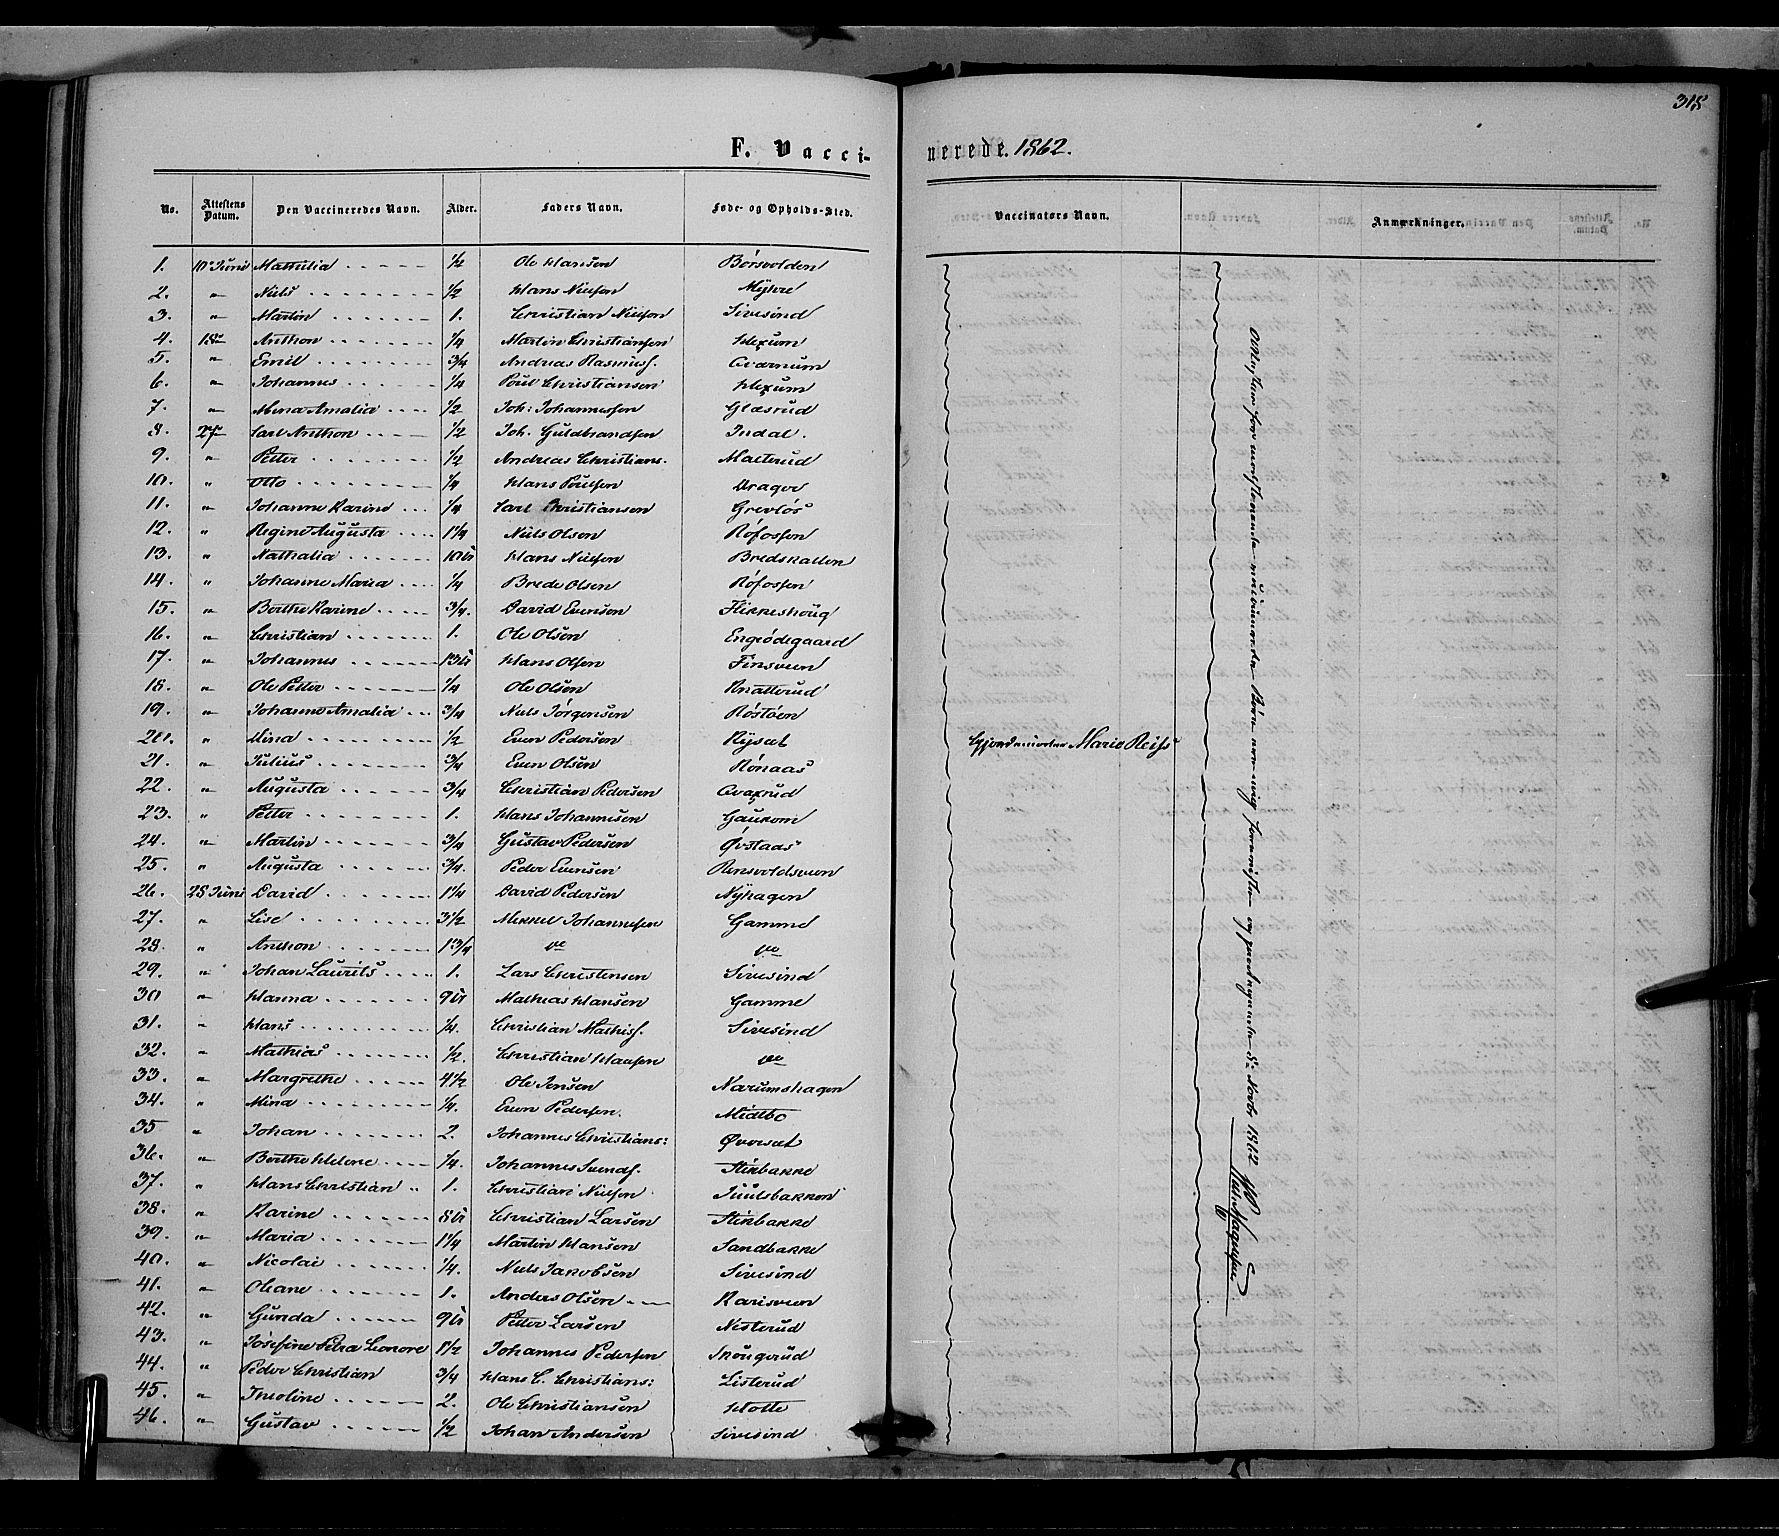 SAH, Vestre Toten prestekontor, Ministerialbok nr. 7, 1862-1869, s. 318